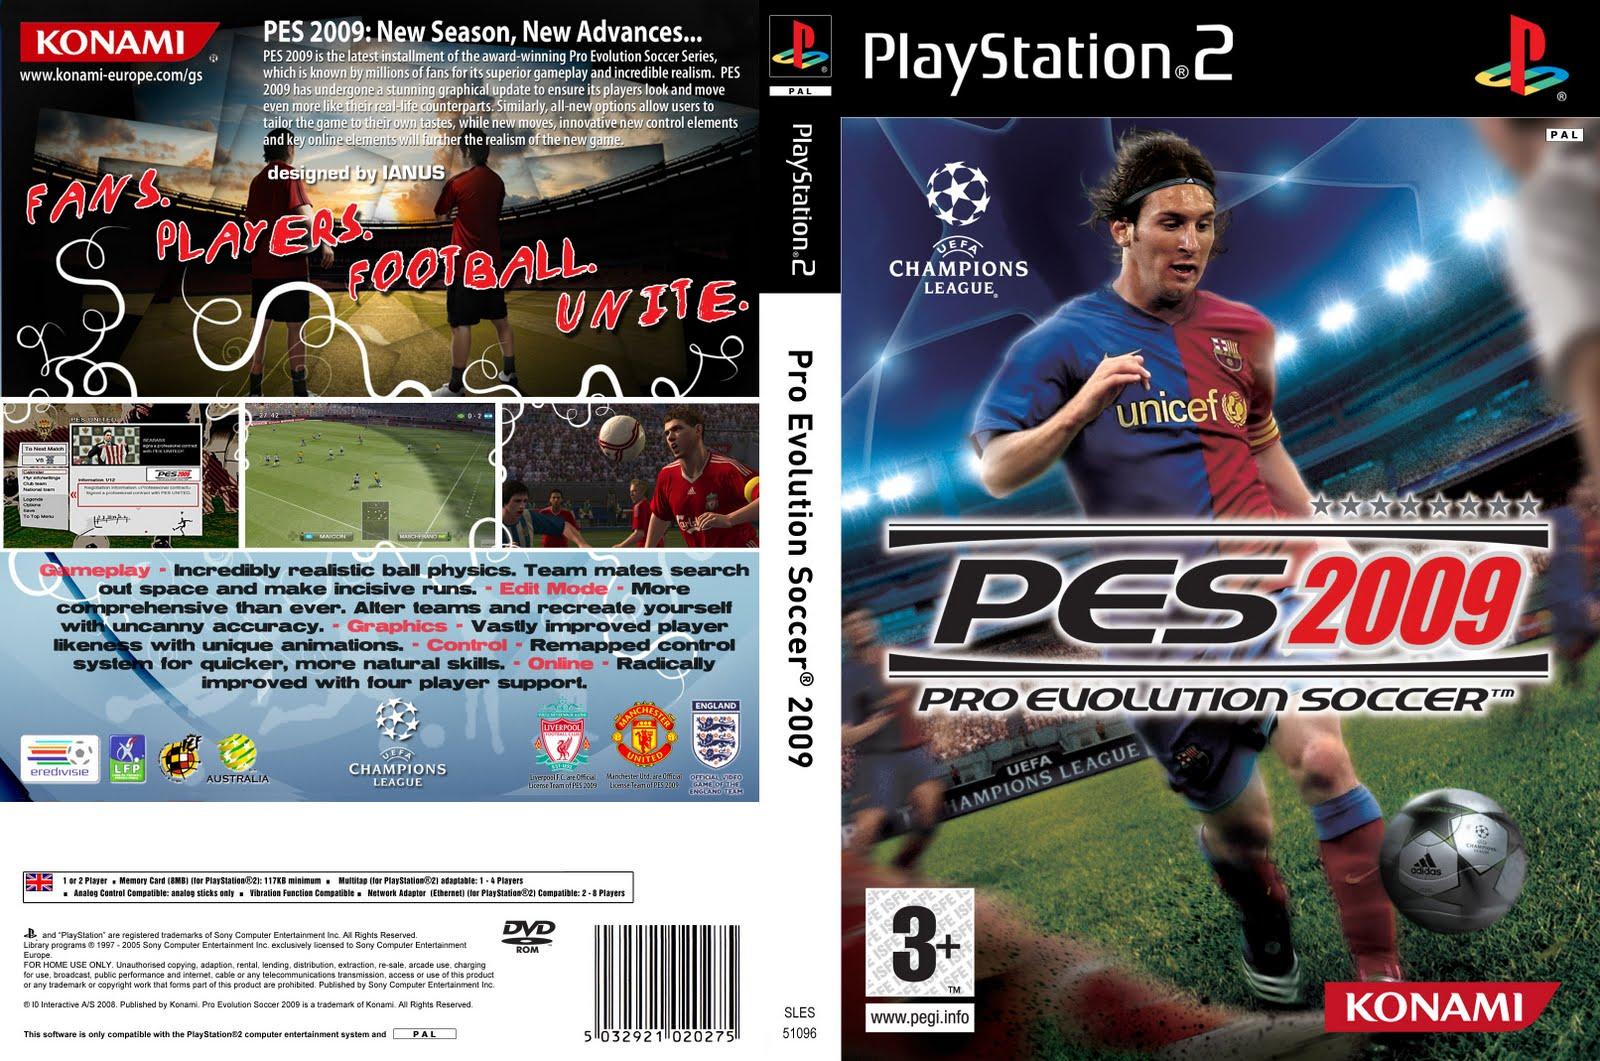 Pro Evolution Soccer 2009 (Europe) (Fr,De) ISO Download